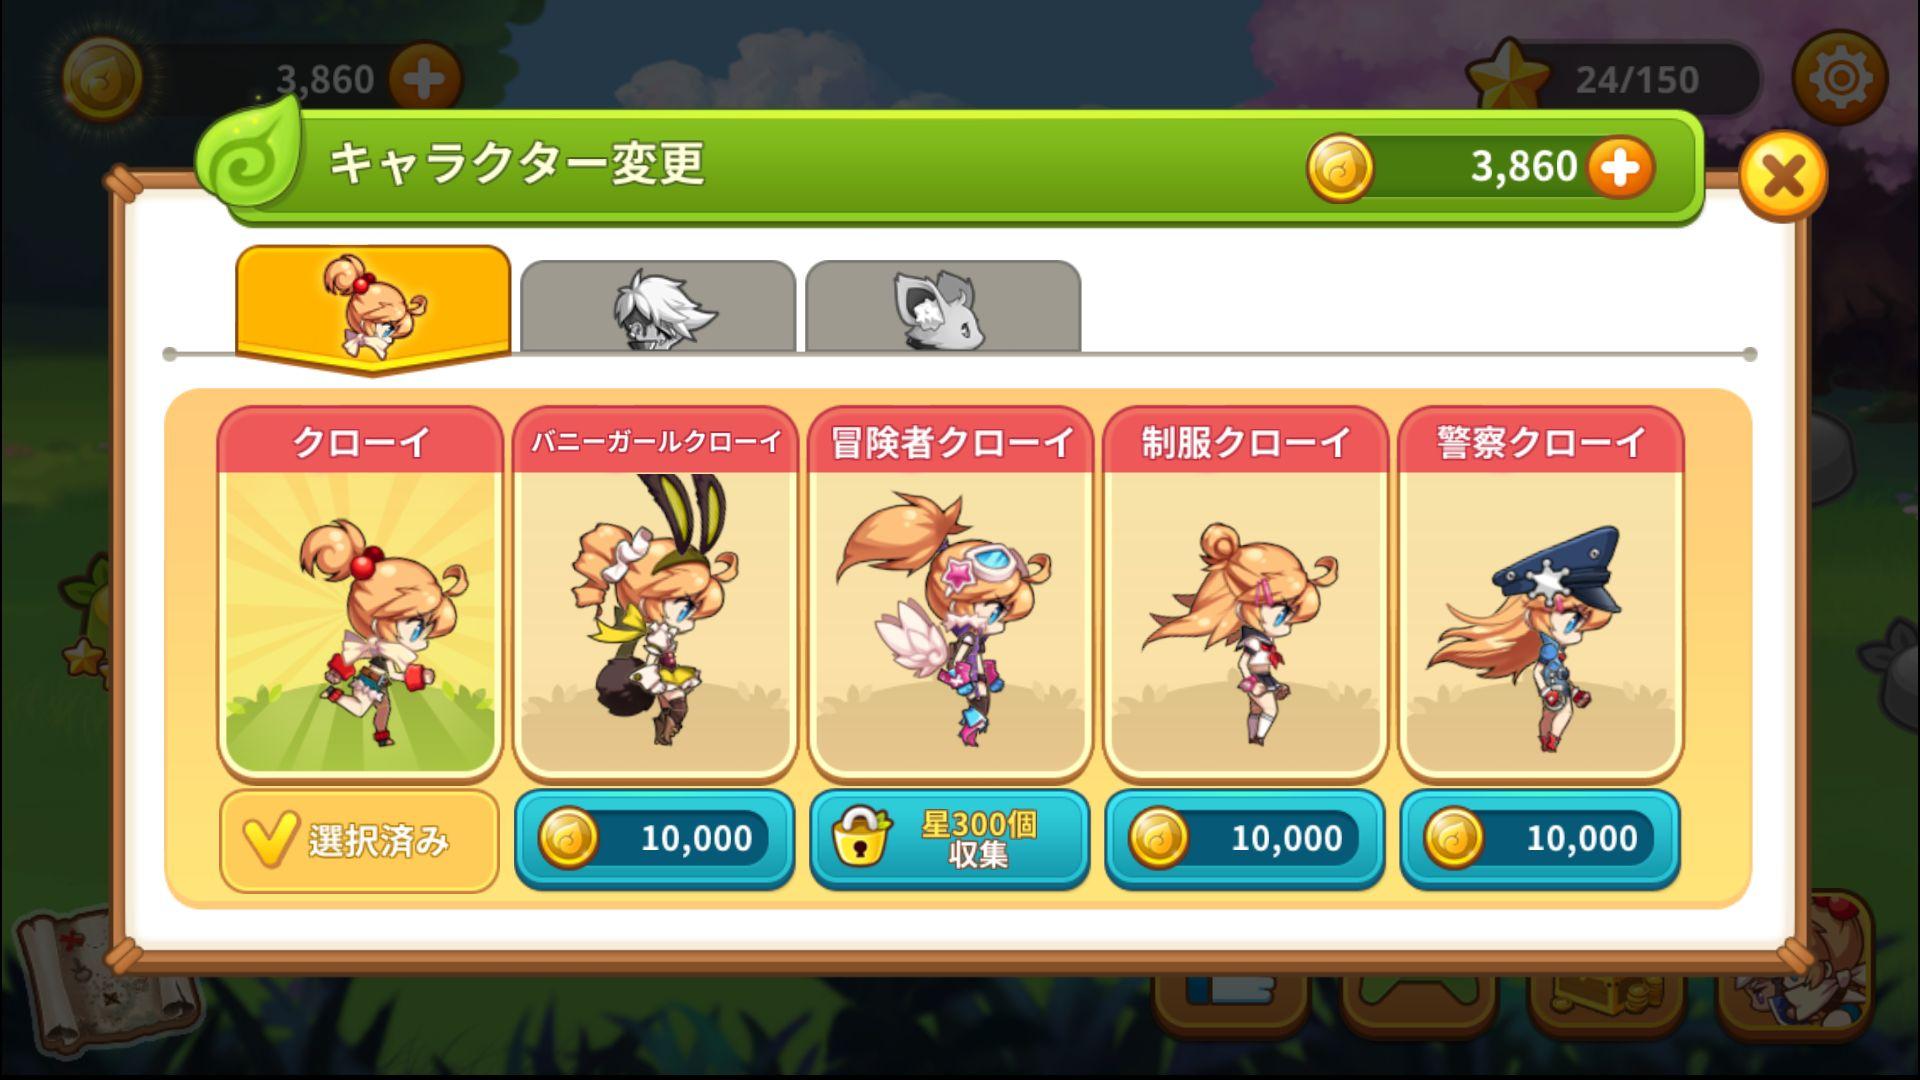 ウィンドランナーアドベンチャー(WIND runner adventure) androidアプリスクリーンショット2